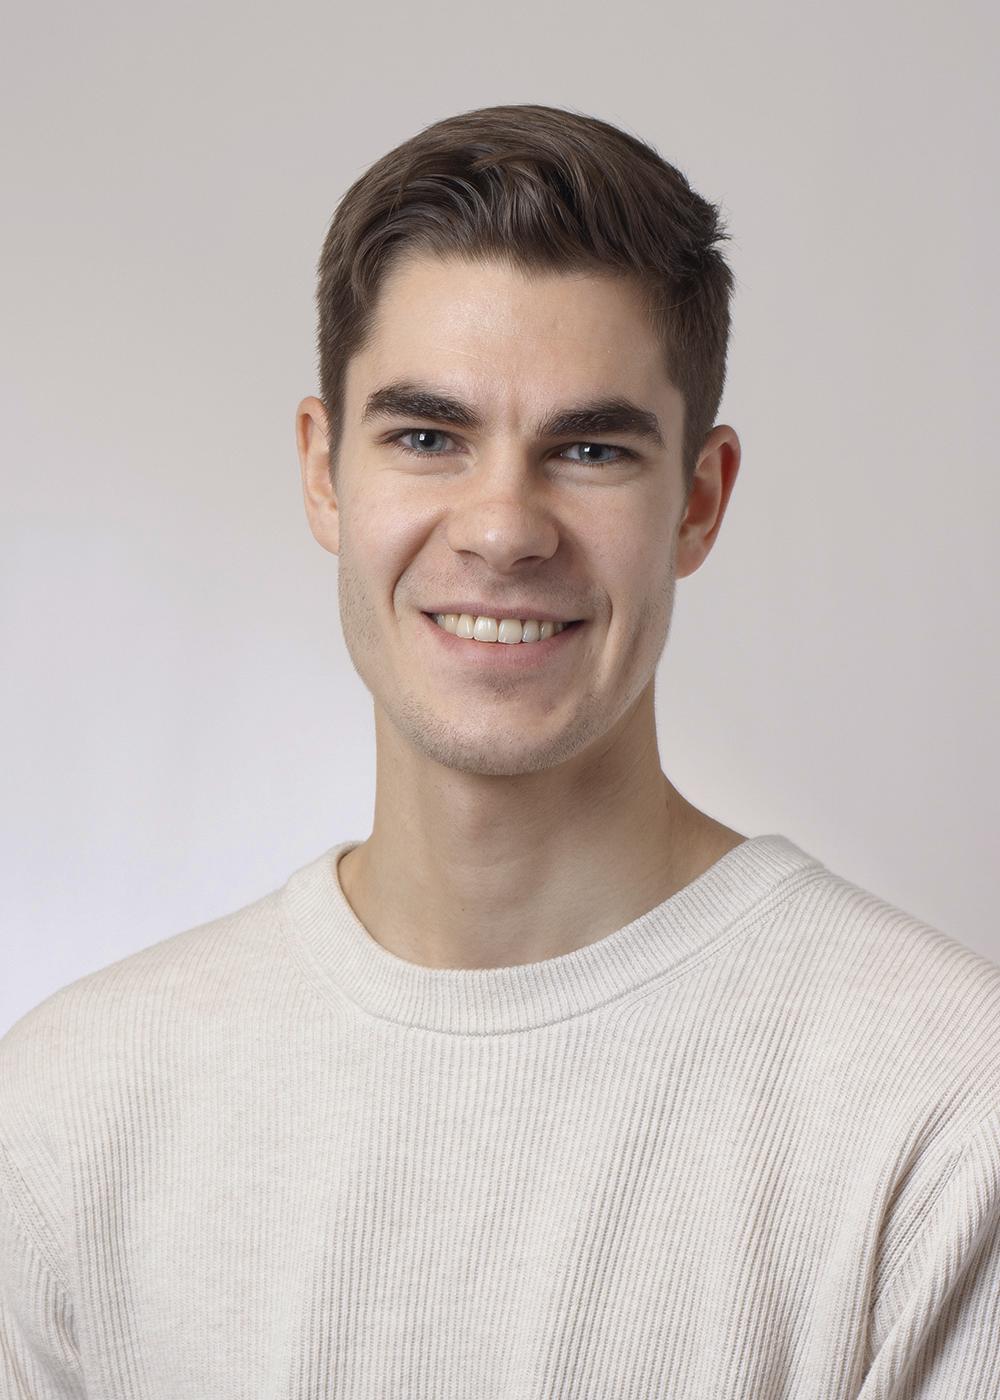 Christian Enrico Weberskov